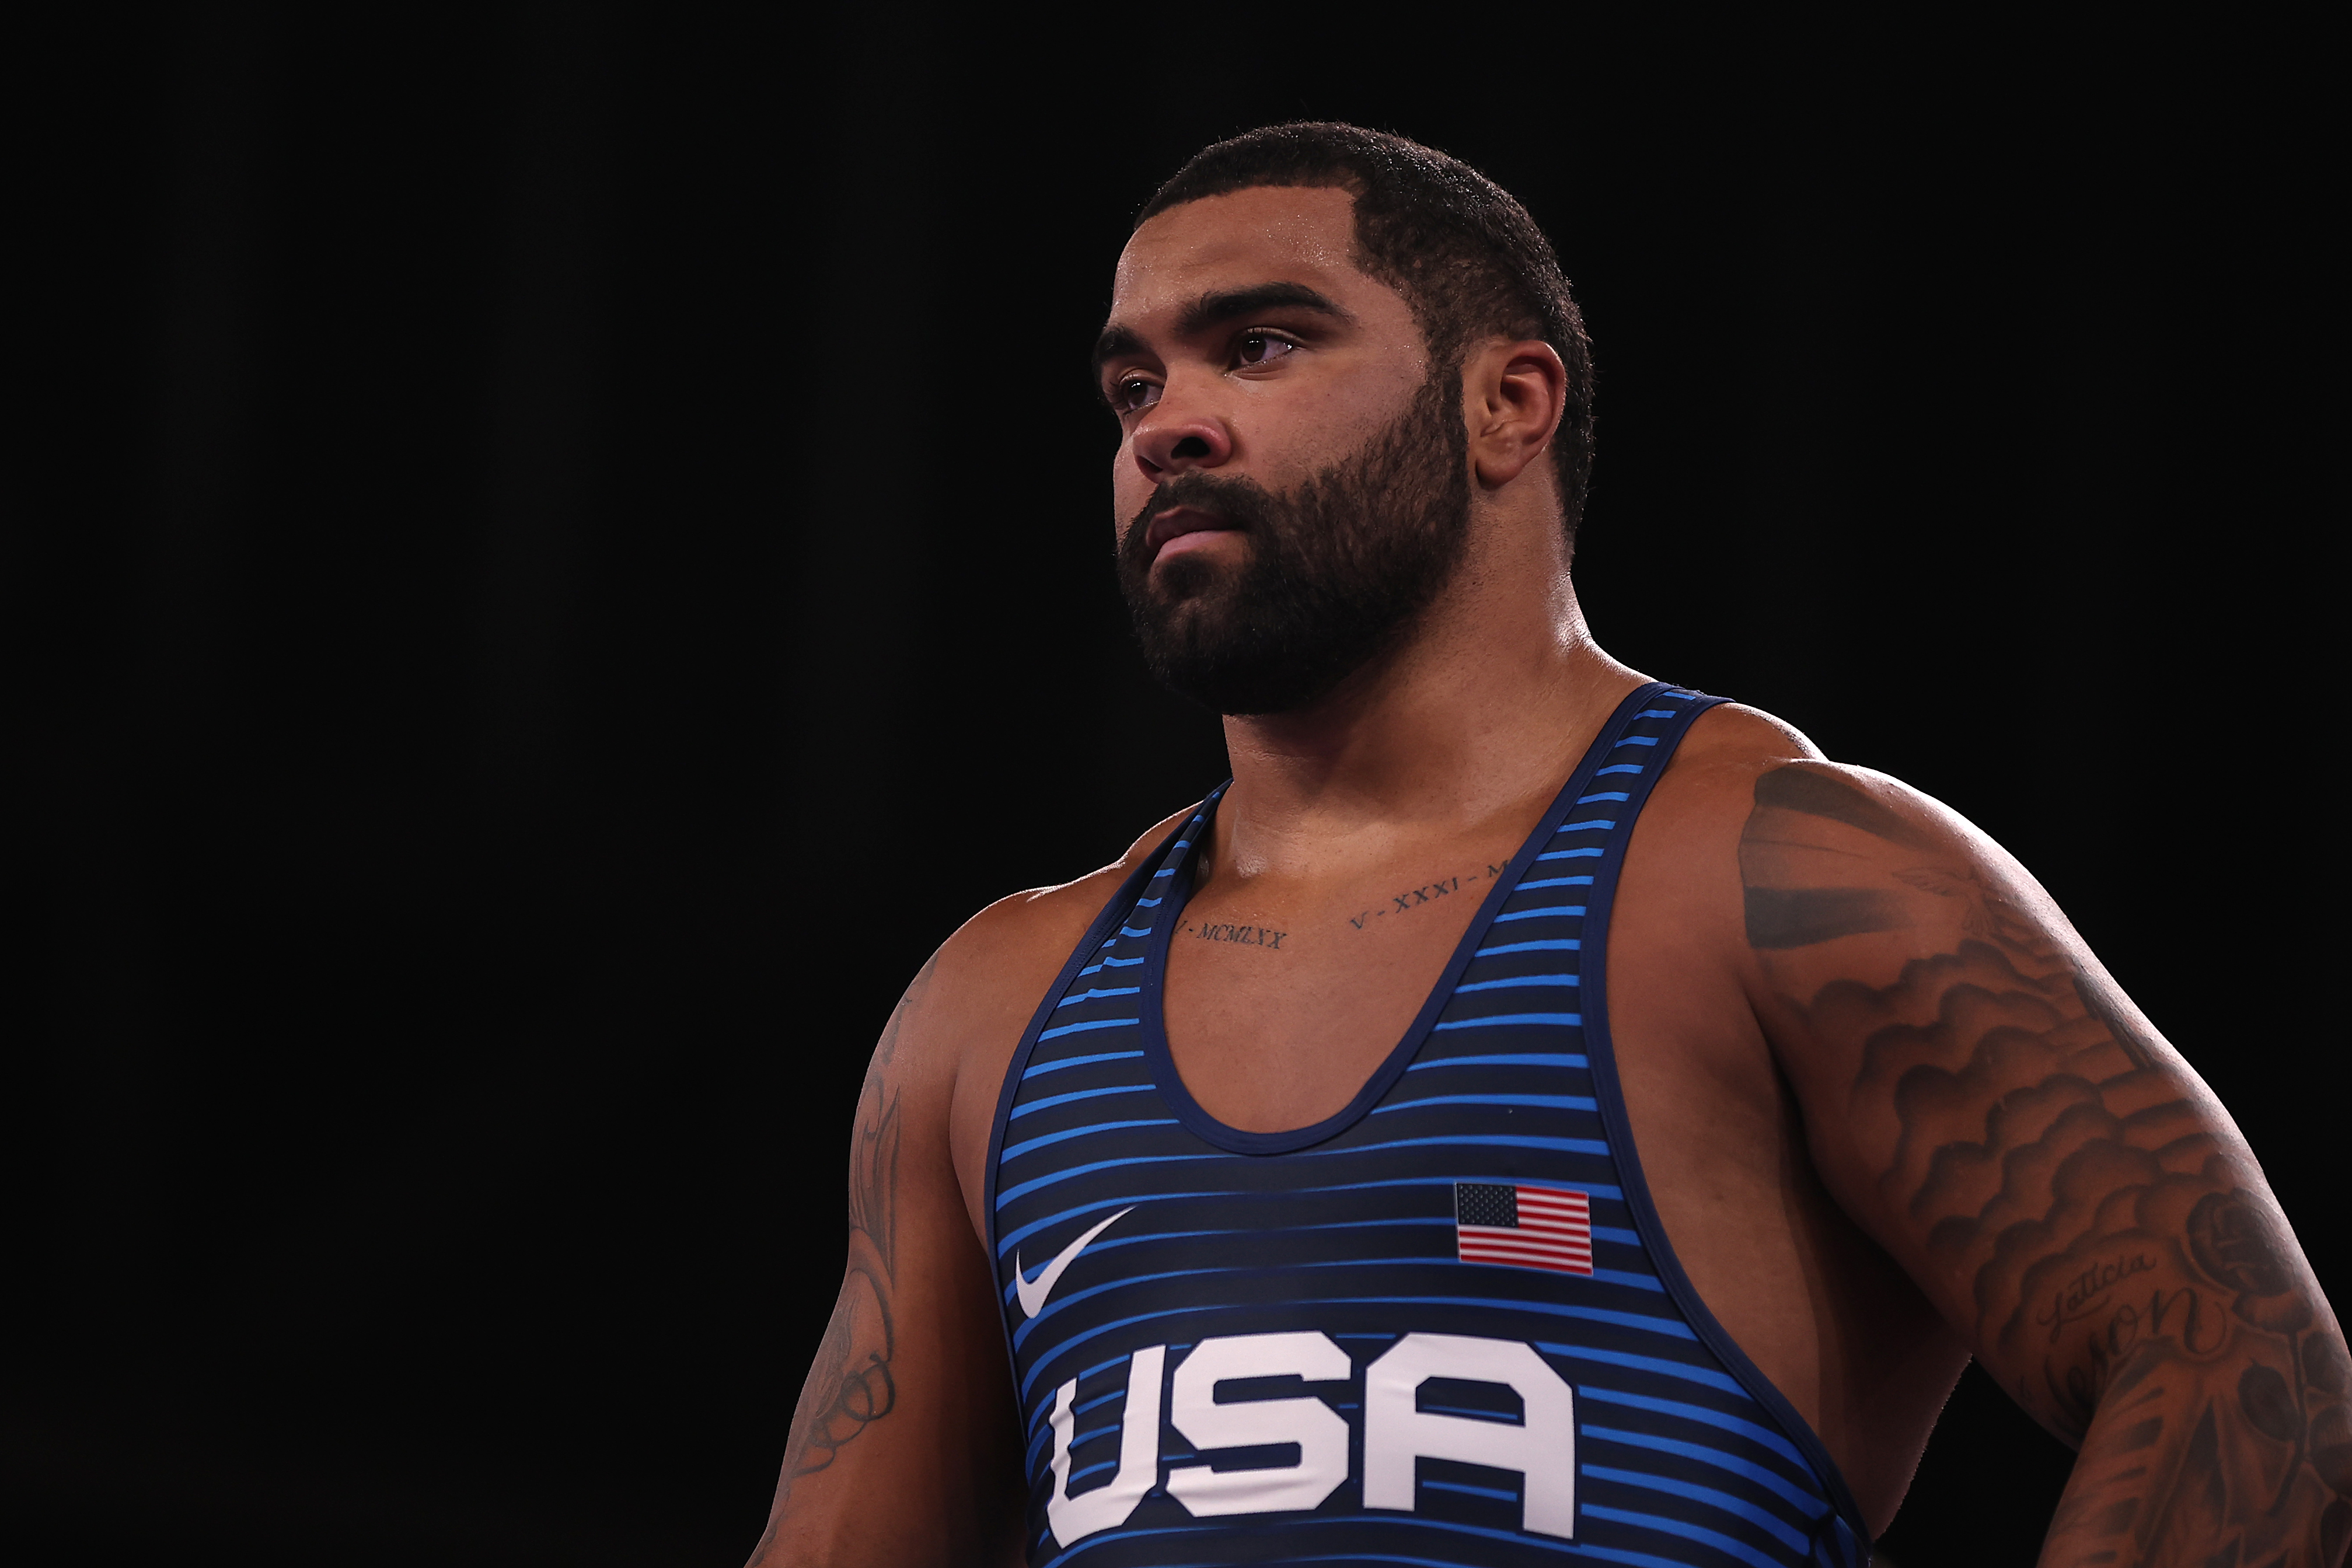 Wrestling - Olympics: Day 13 Gable Dan Steveson